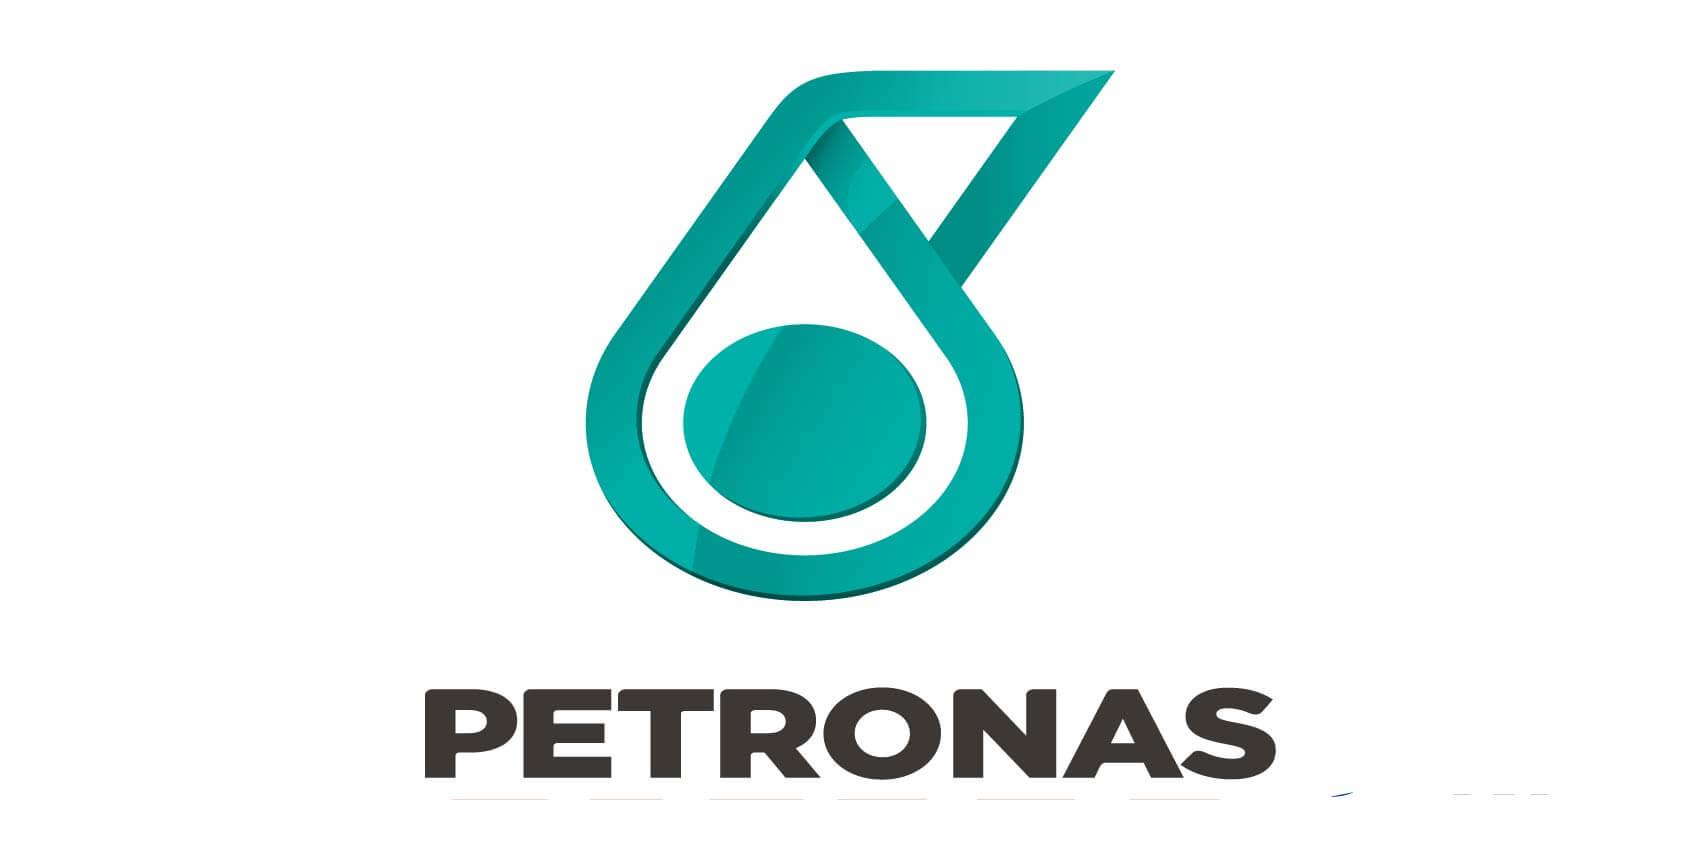 petronassda-01